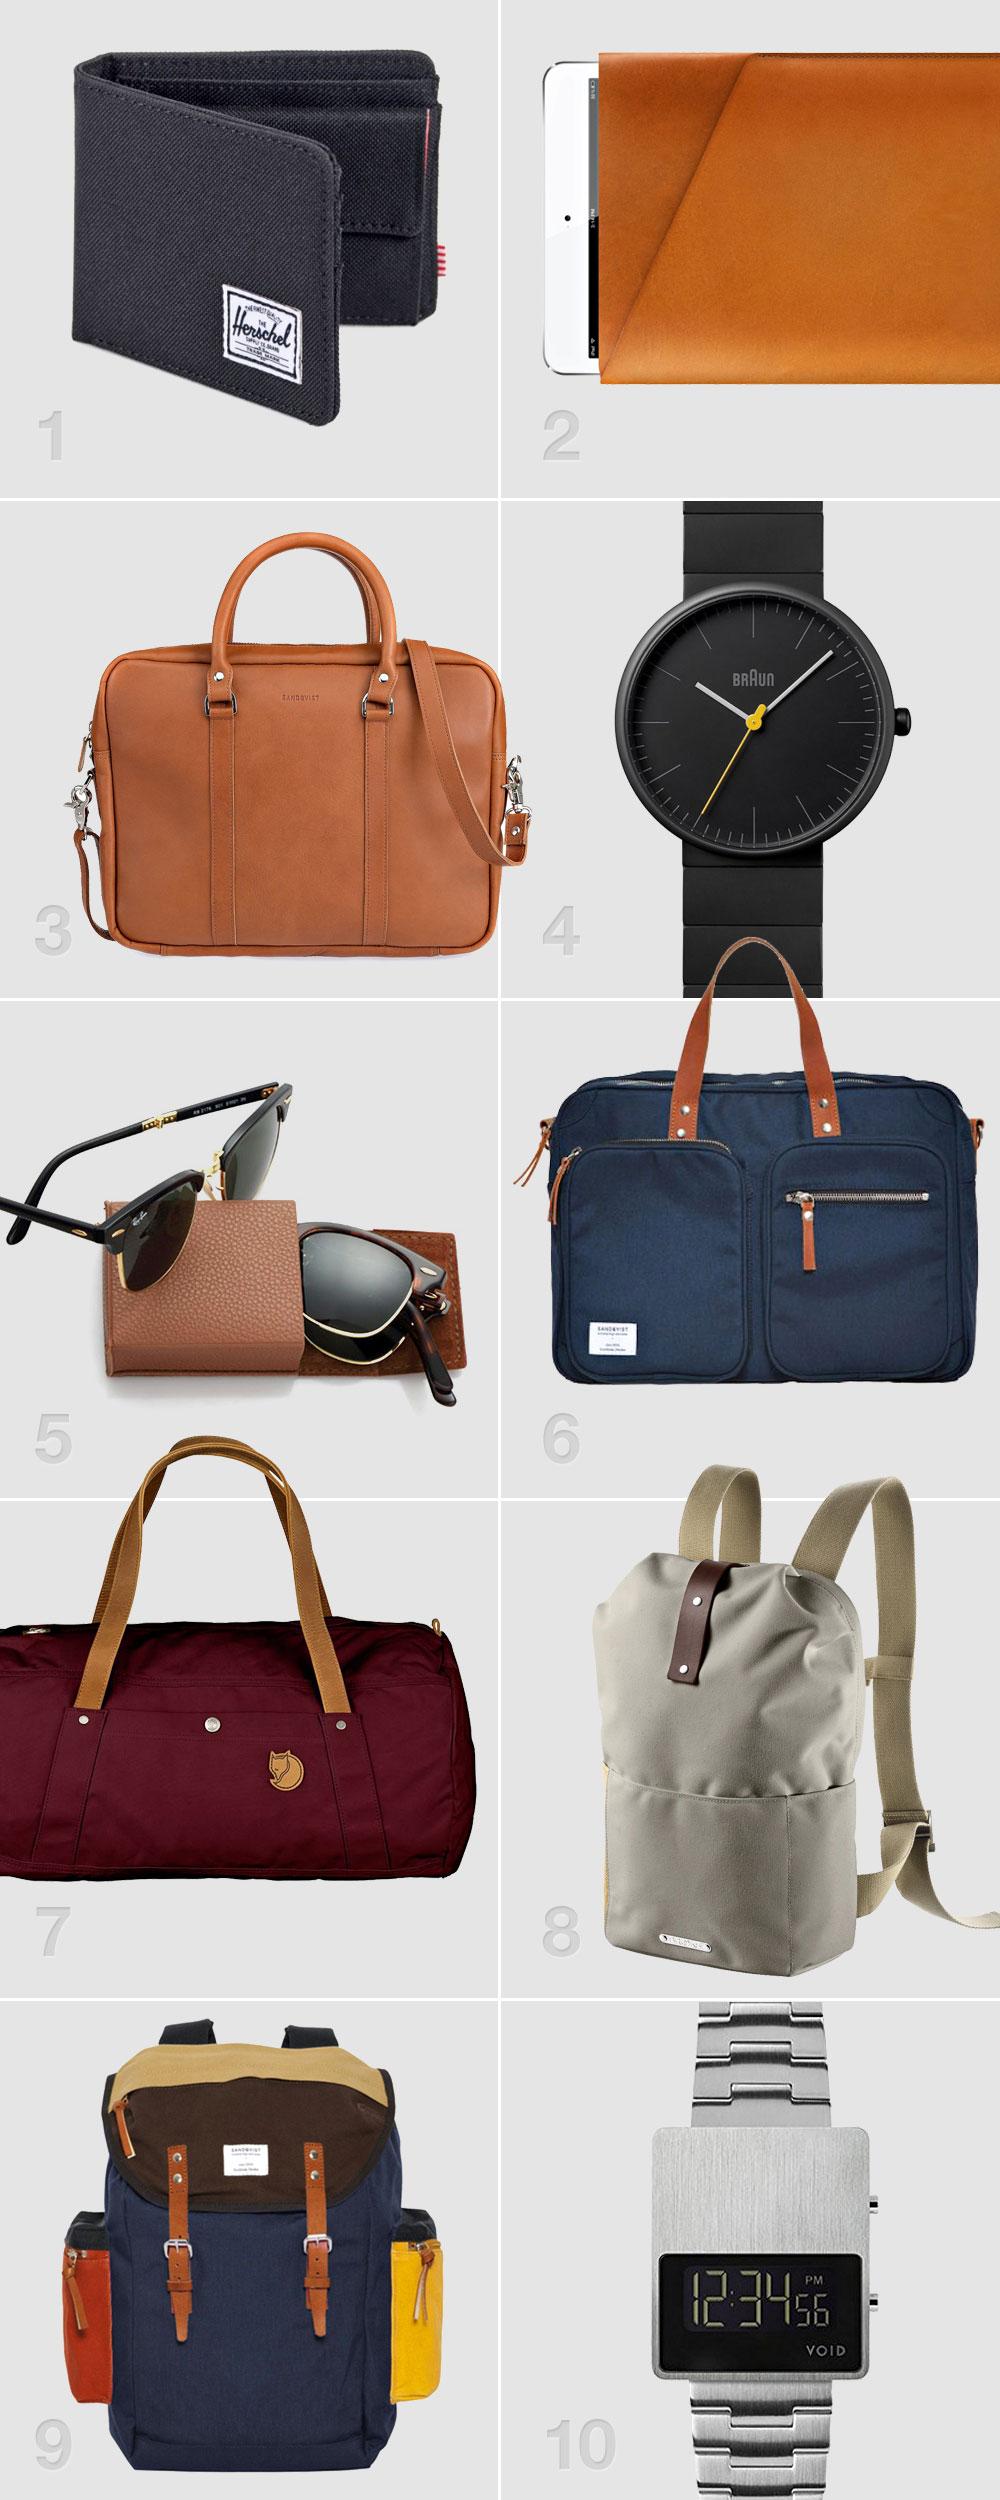 WGT14-Geschenk-Tipps-Weihnachten-2014-Accessoires-Taschen-Uhren-Rucksaecke-Sleeve